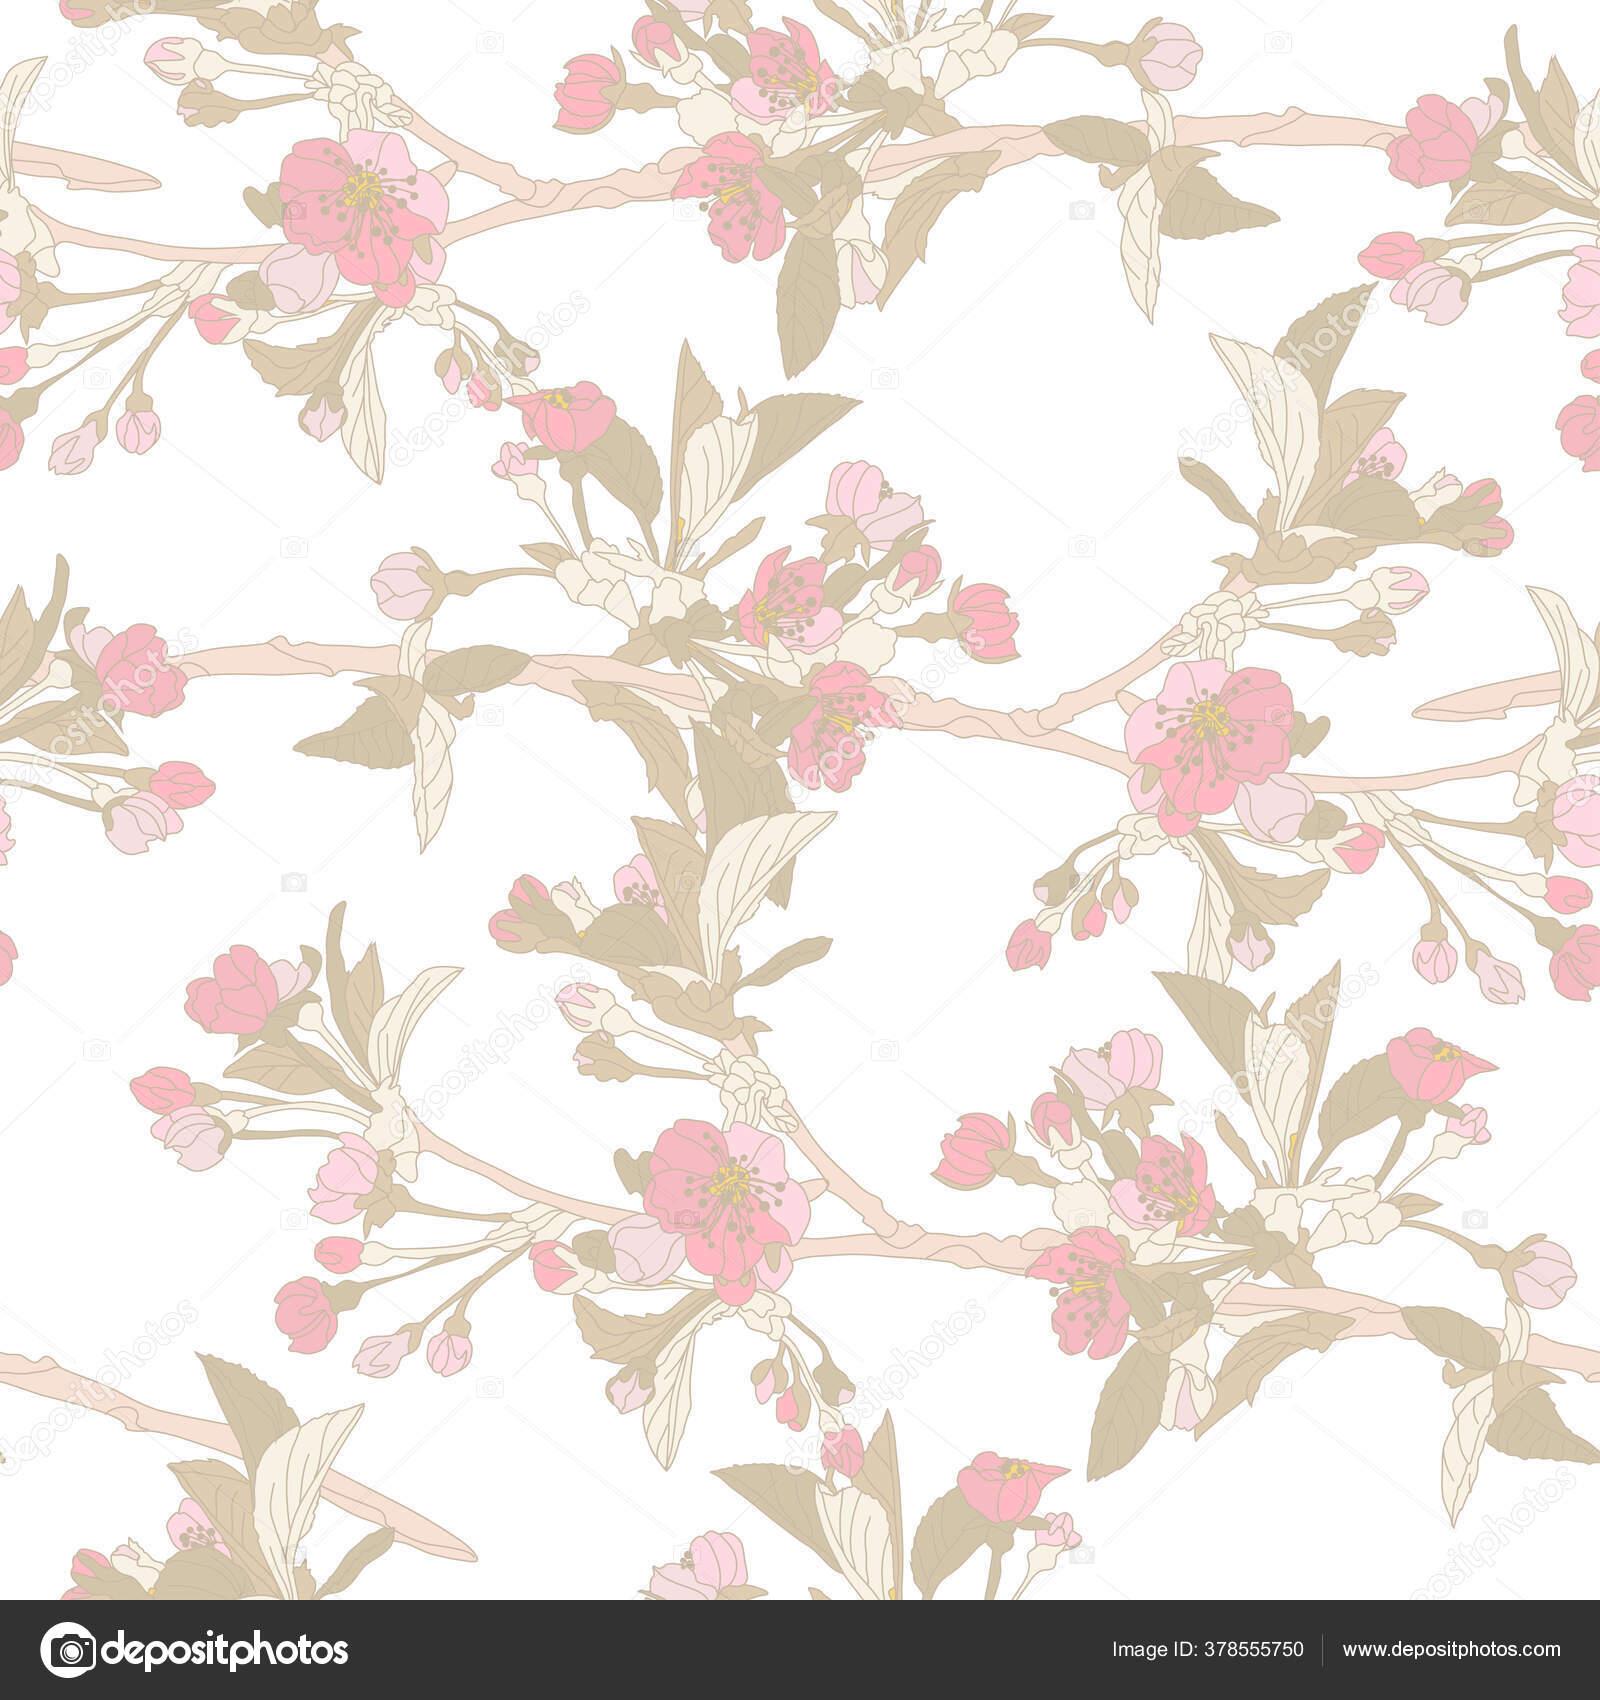 桜の花 デザイン要素とエレガントなシームレスなパターン 招待状 カード ギフトラップ ファブリック 壁紙のための花のパターン ストックベクター C Chantall